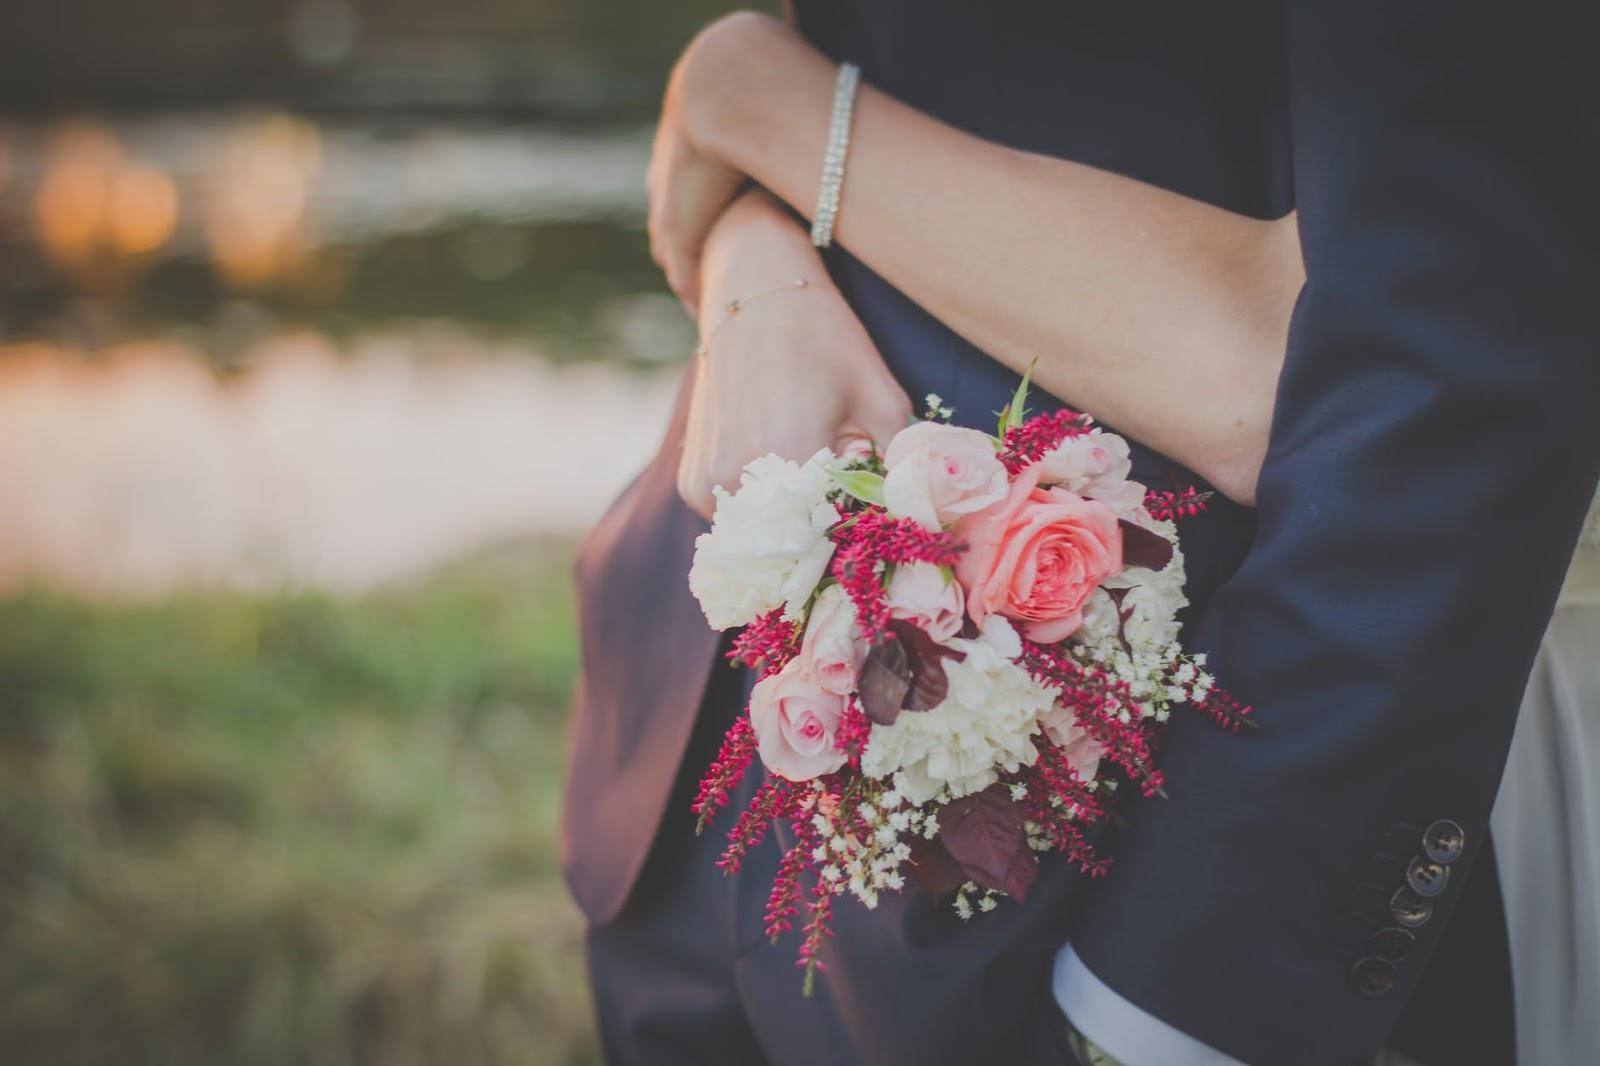 أفكار رائعة لحياة الزوجية سعيدة